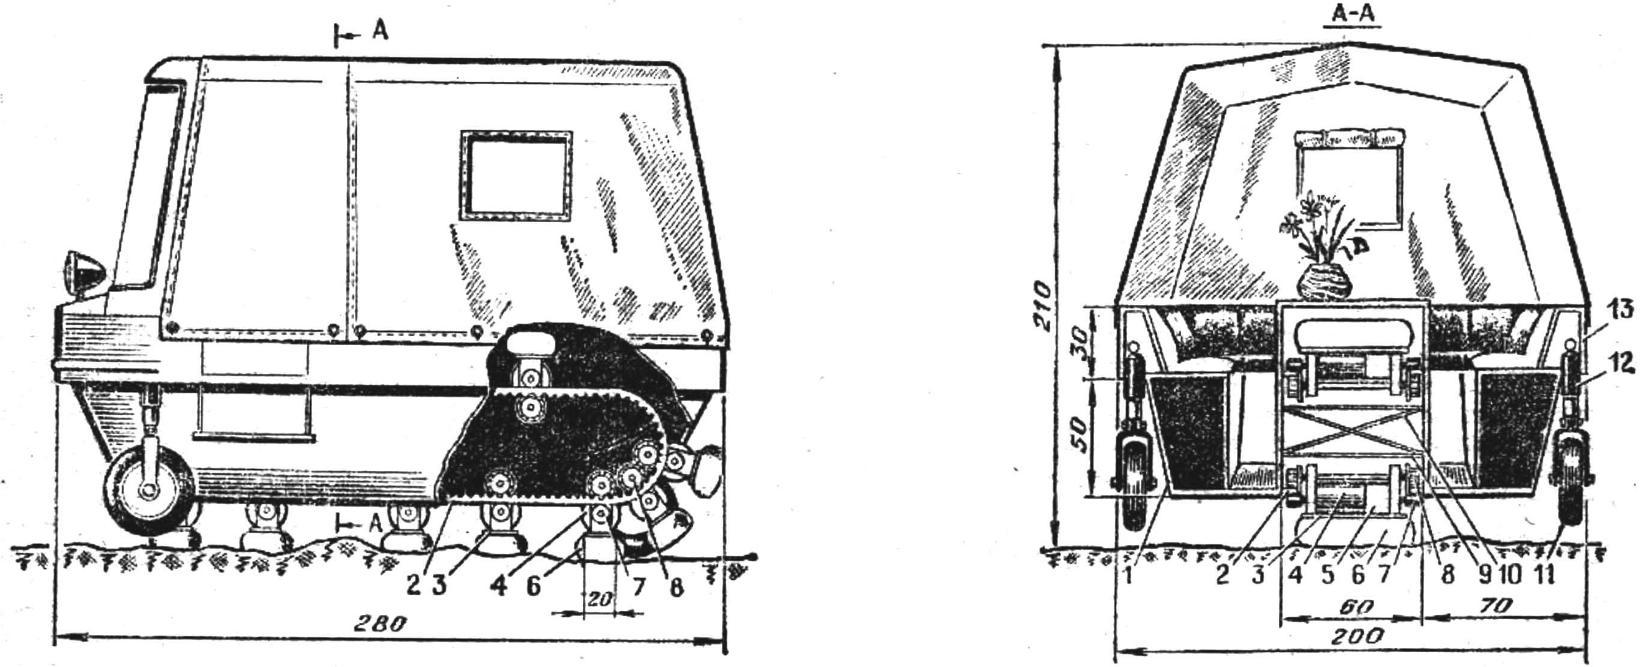 Рис. 1. Схема вездеходной дачи-палатки